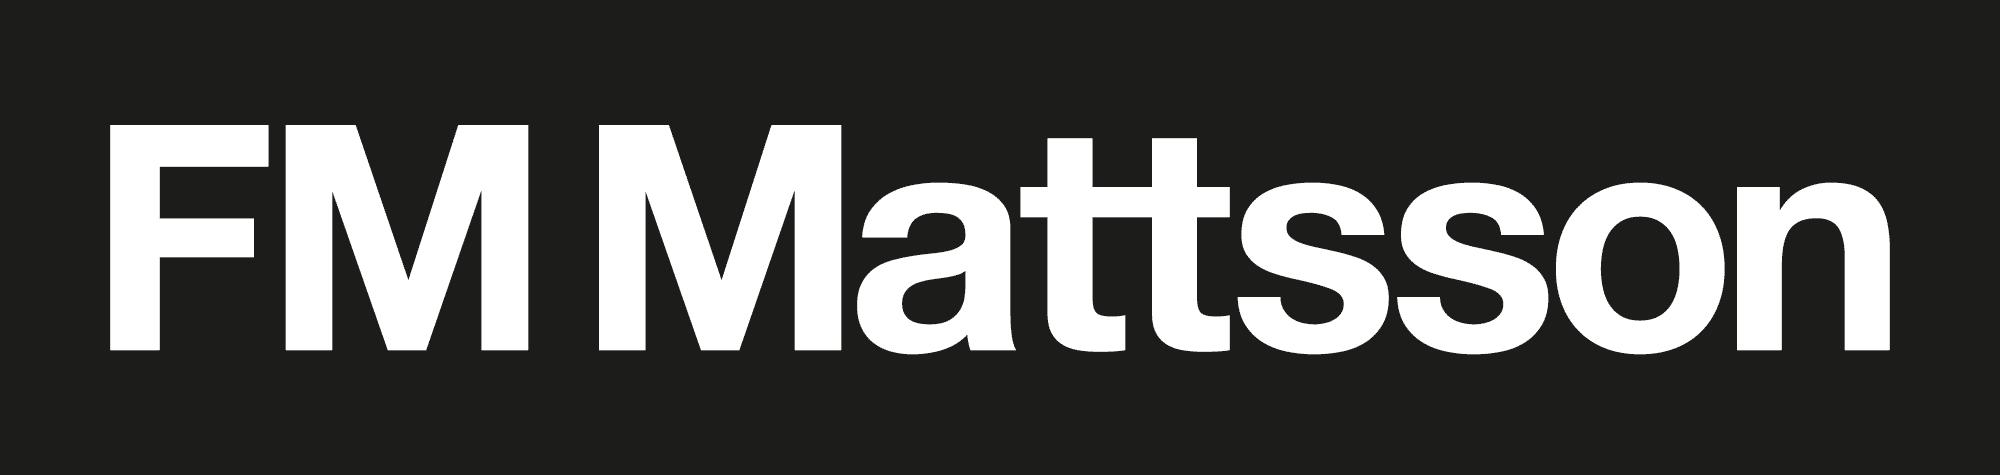 FM Mattsson